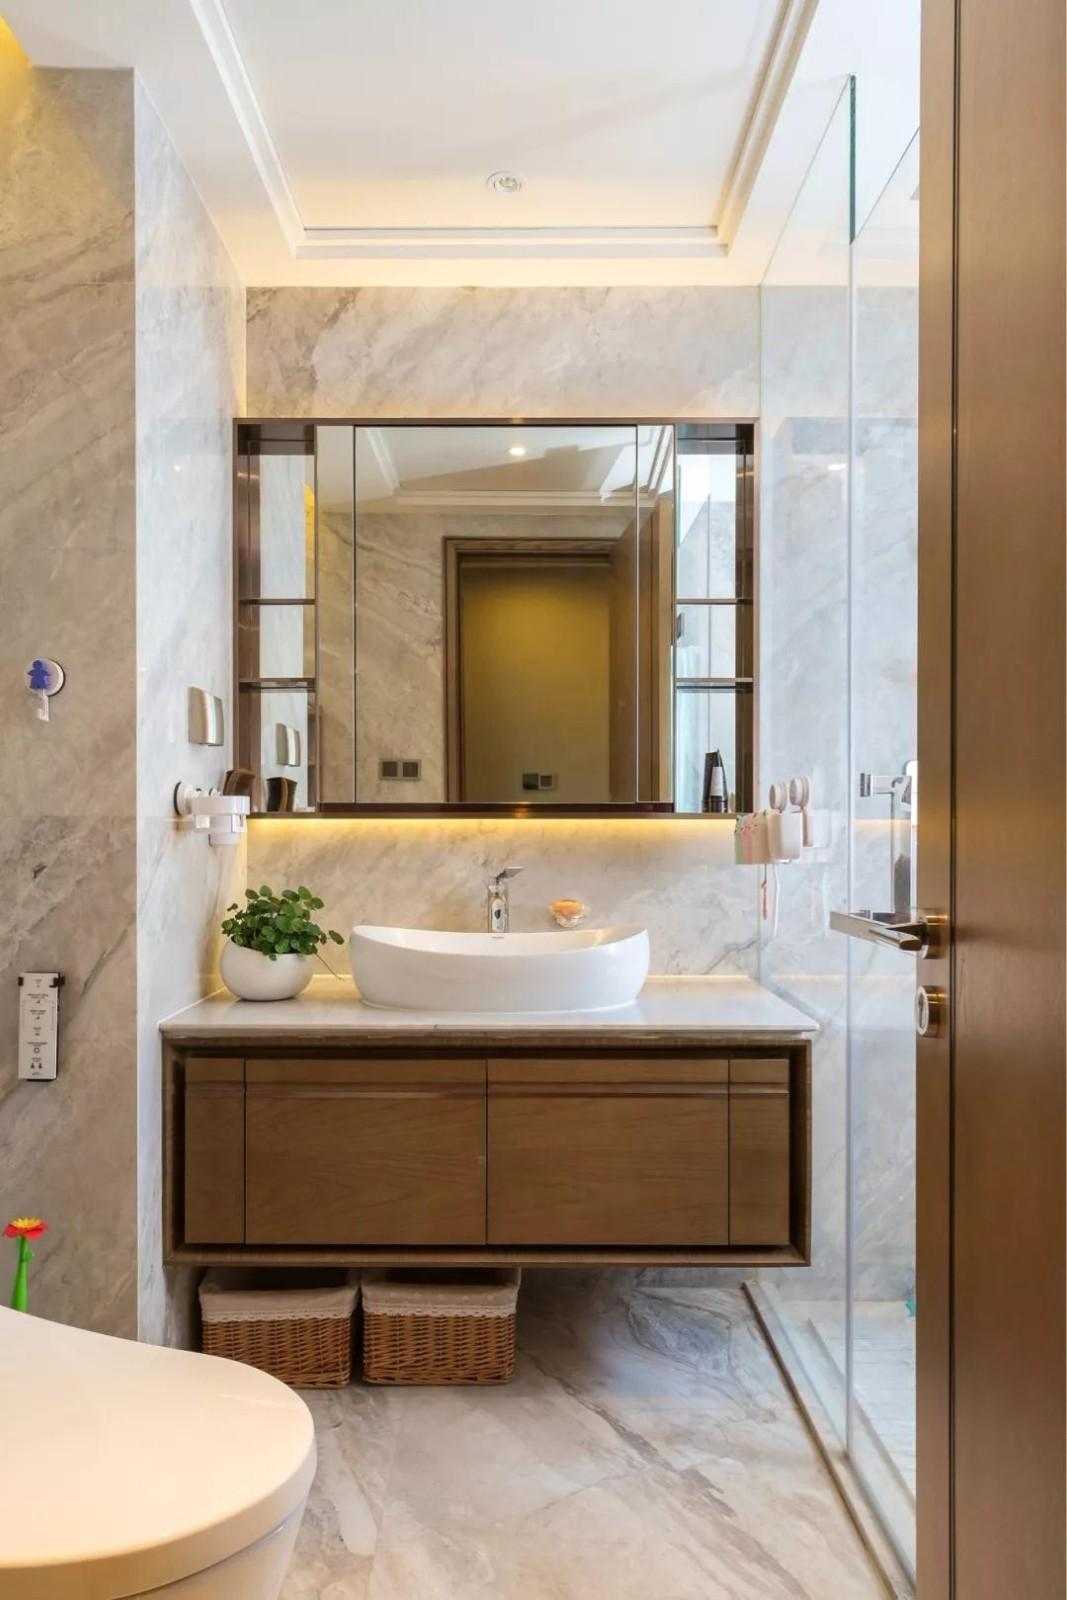 2020現代簡約衛生間裝修圖片 2020現代簡約洗漱臺裝飾設計